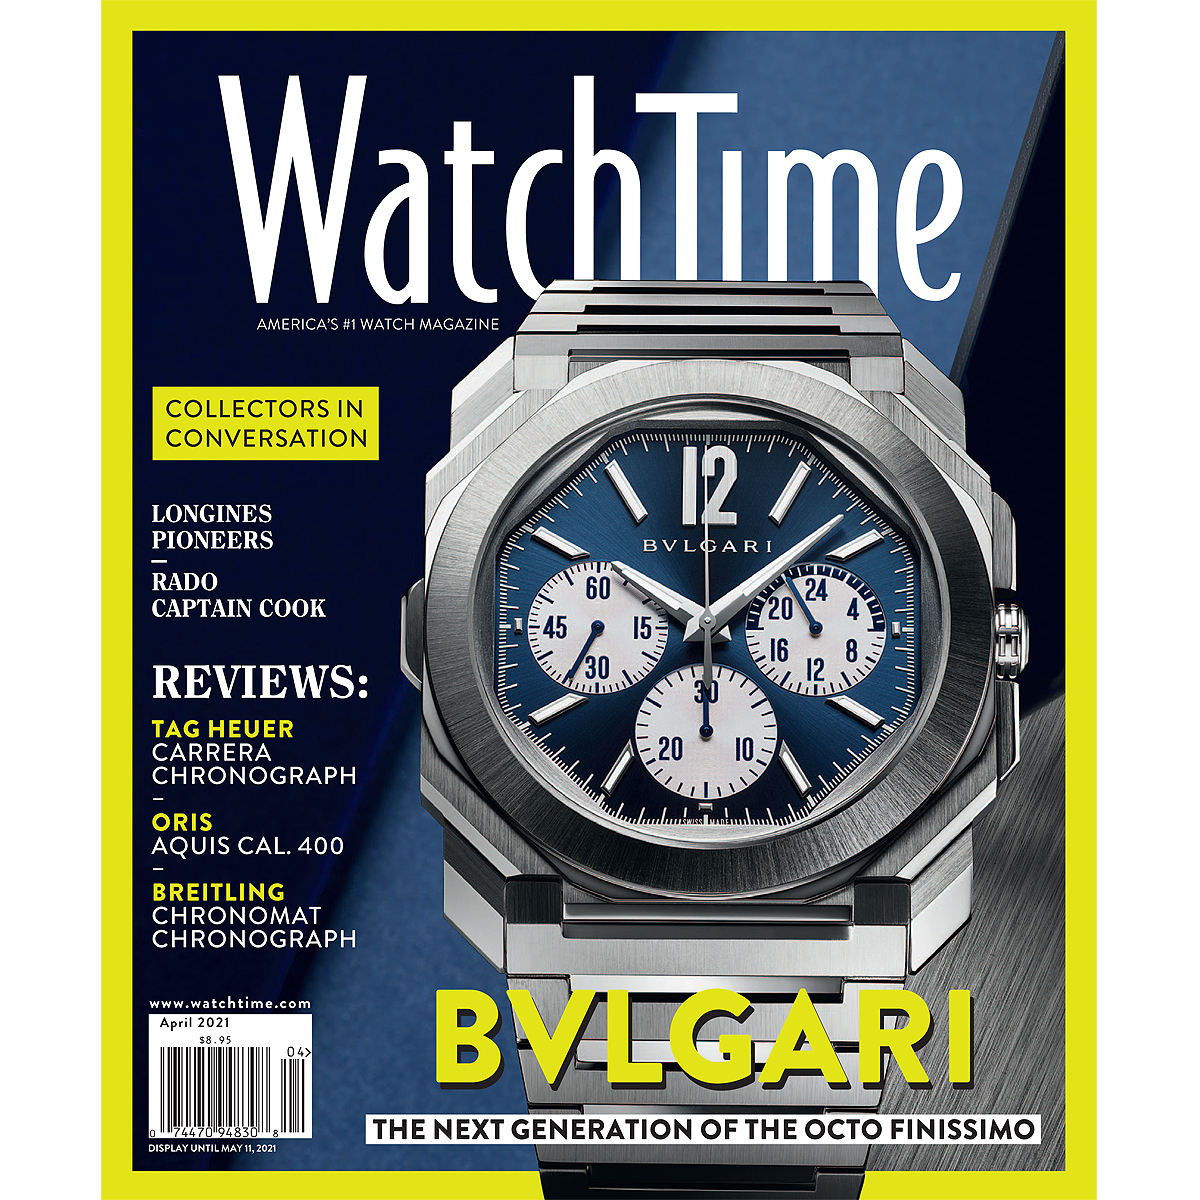 WT 0221 Cover FI.